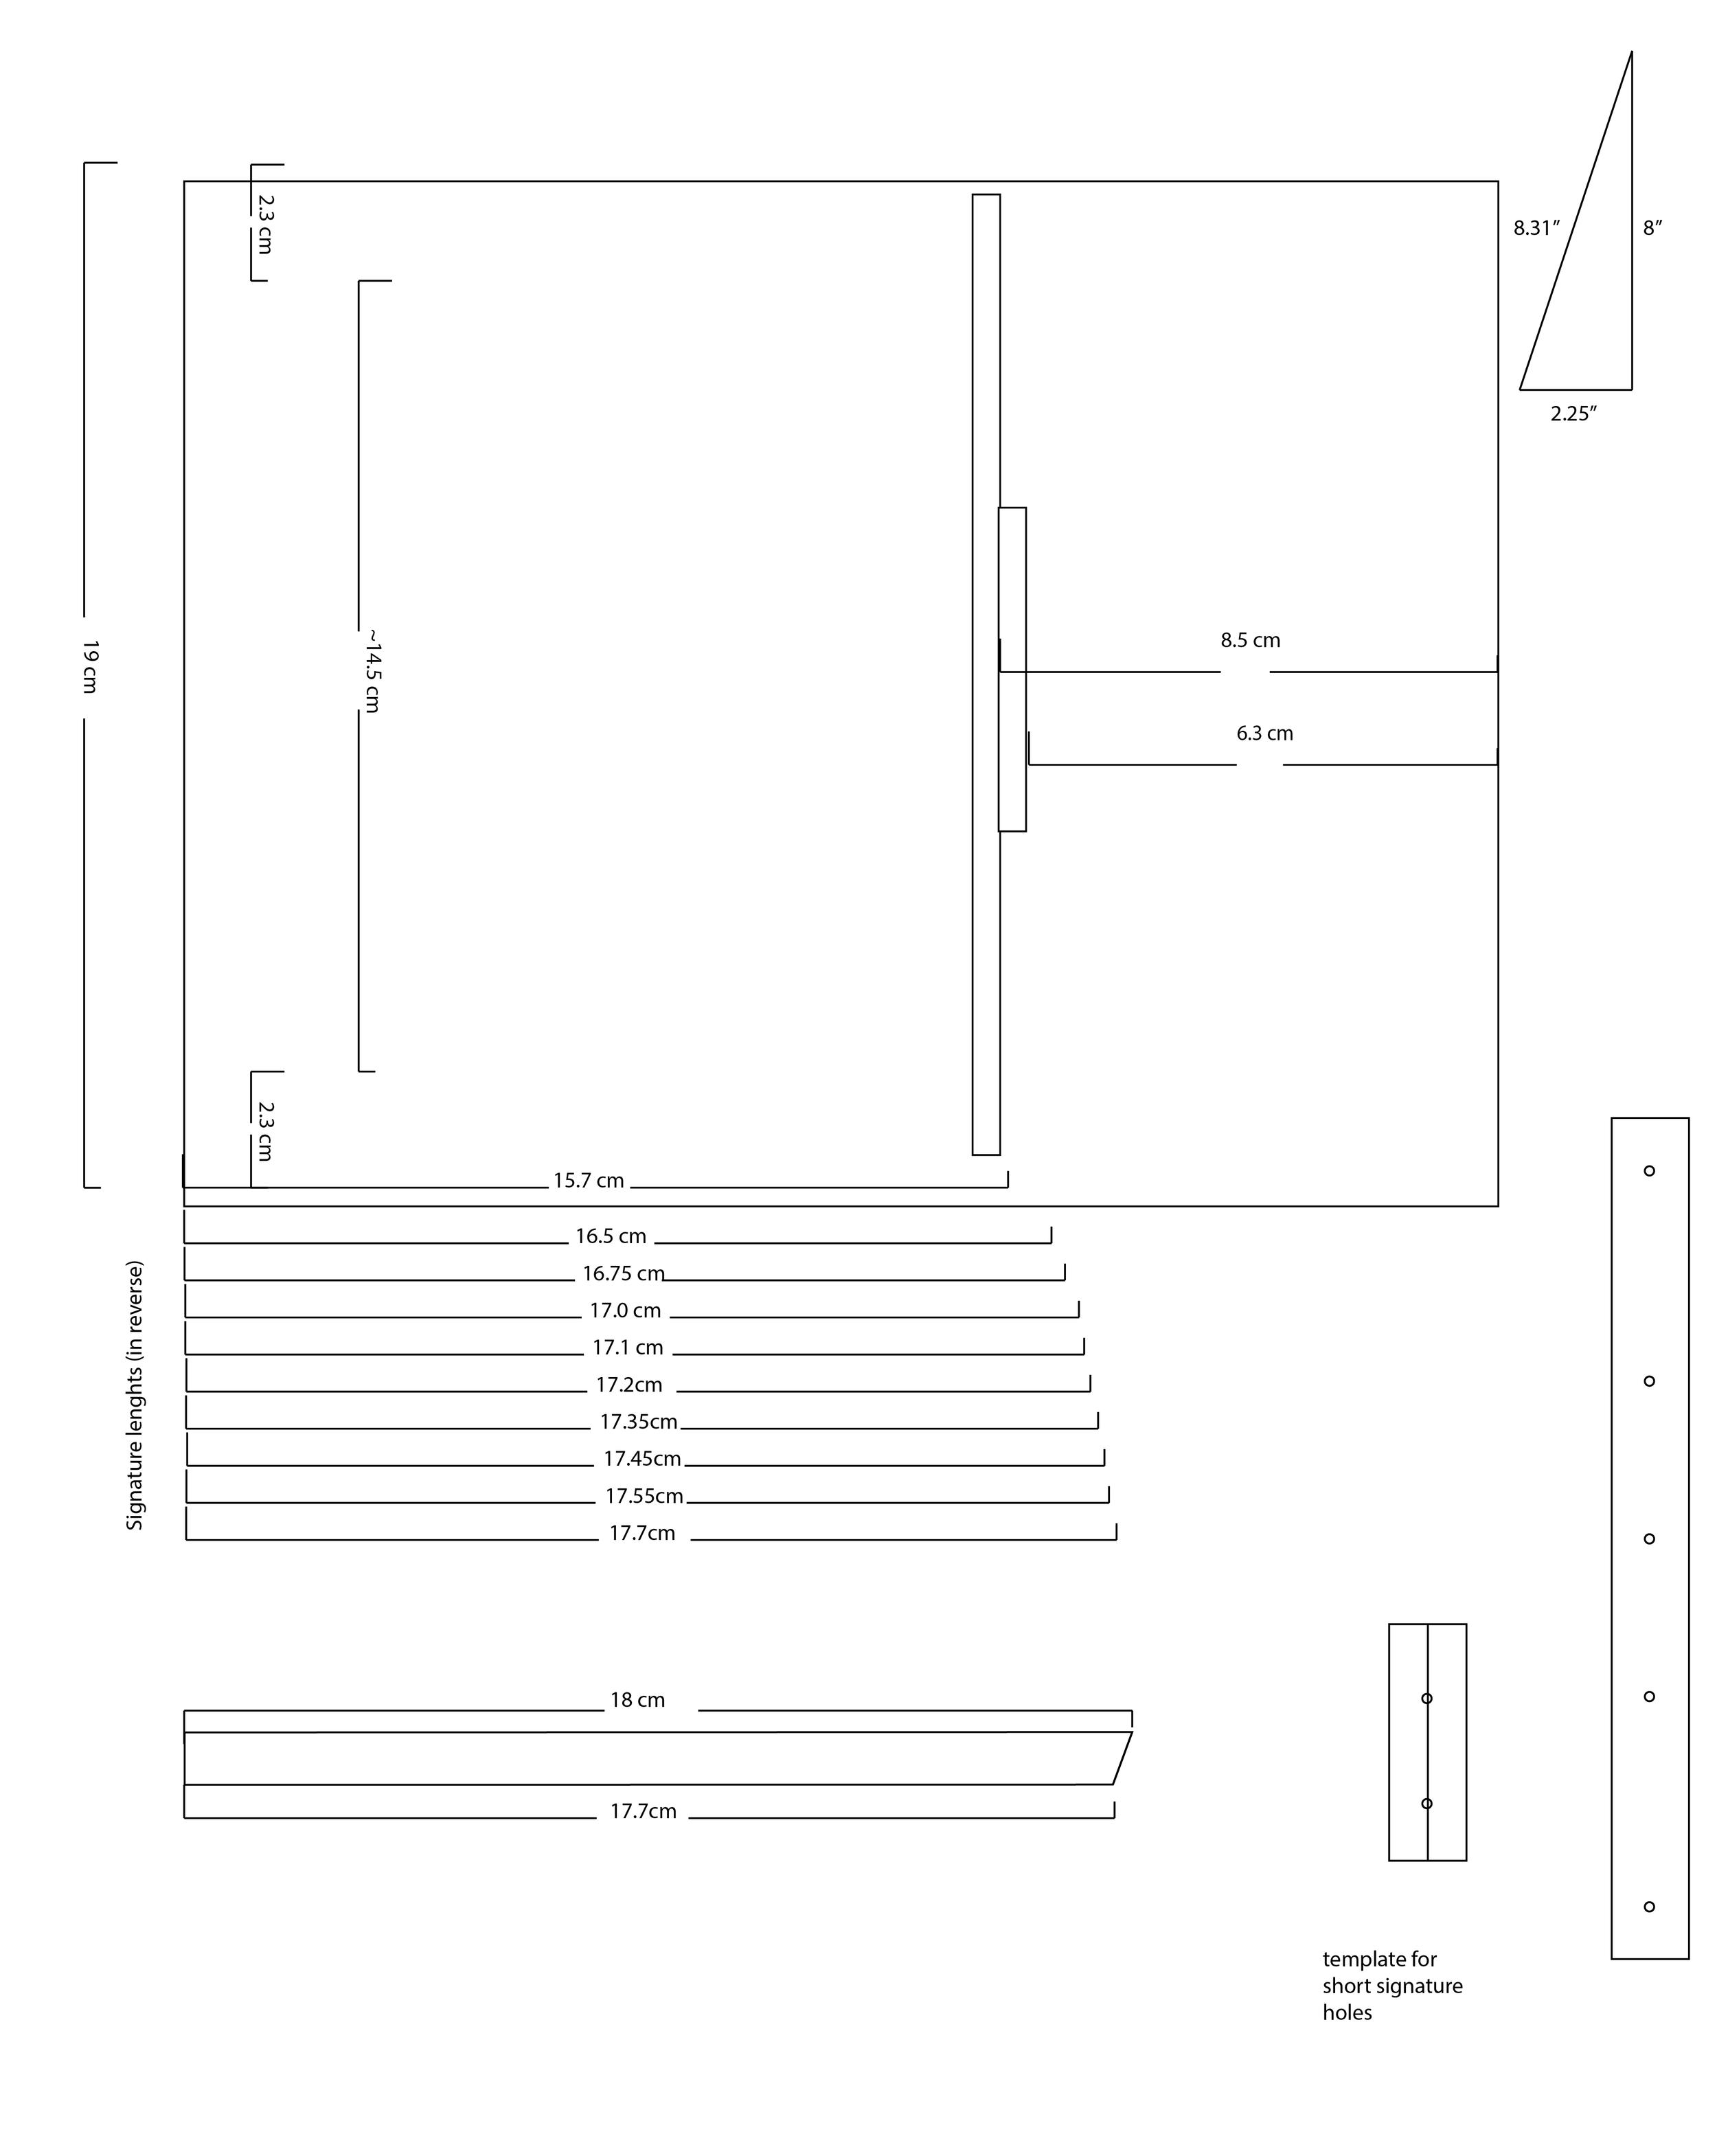 measurements-01.png